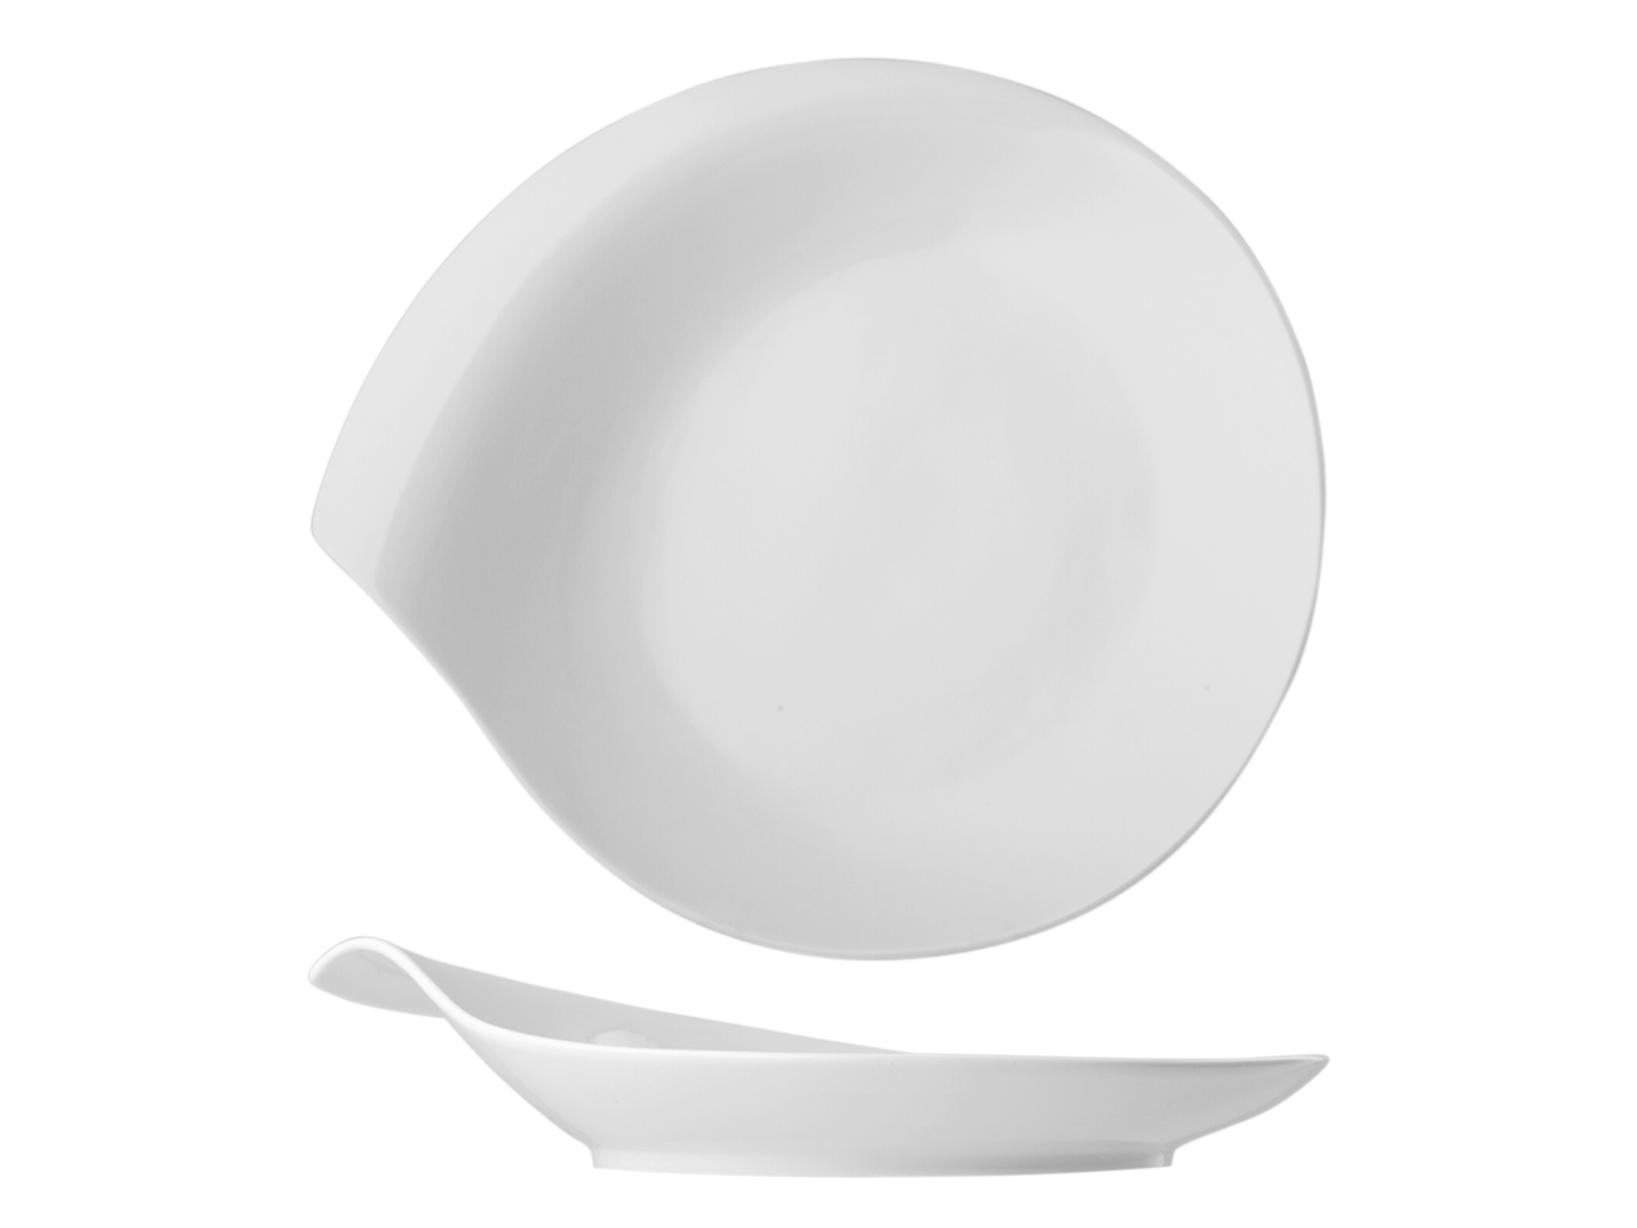 Acquista Piatto Porcellana Tondo Fazzol 17527921 | Glooke.com